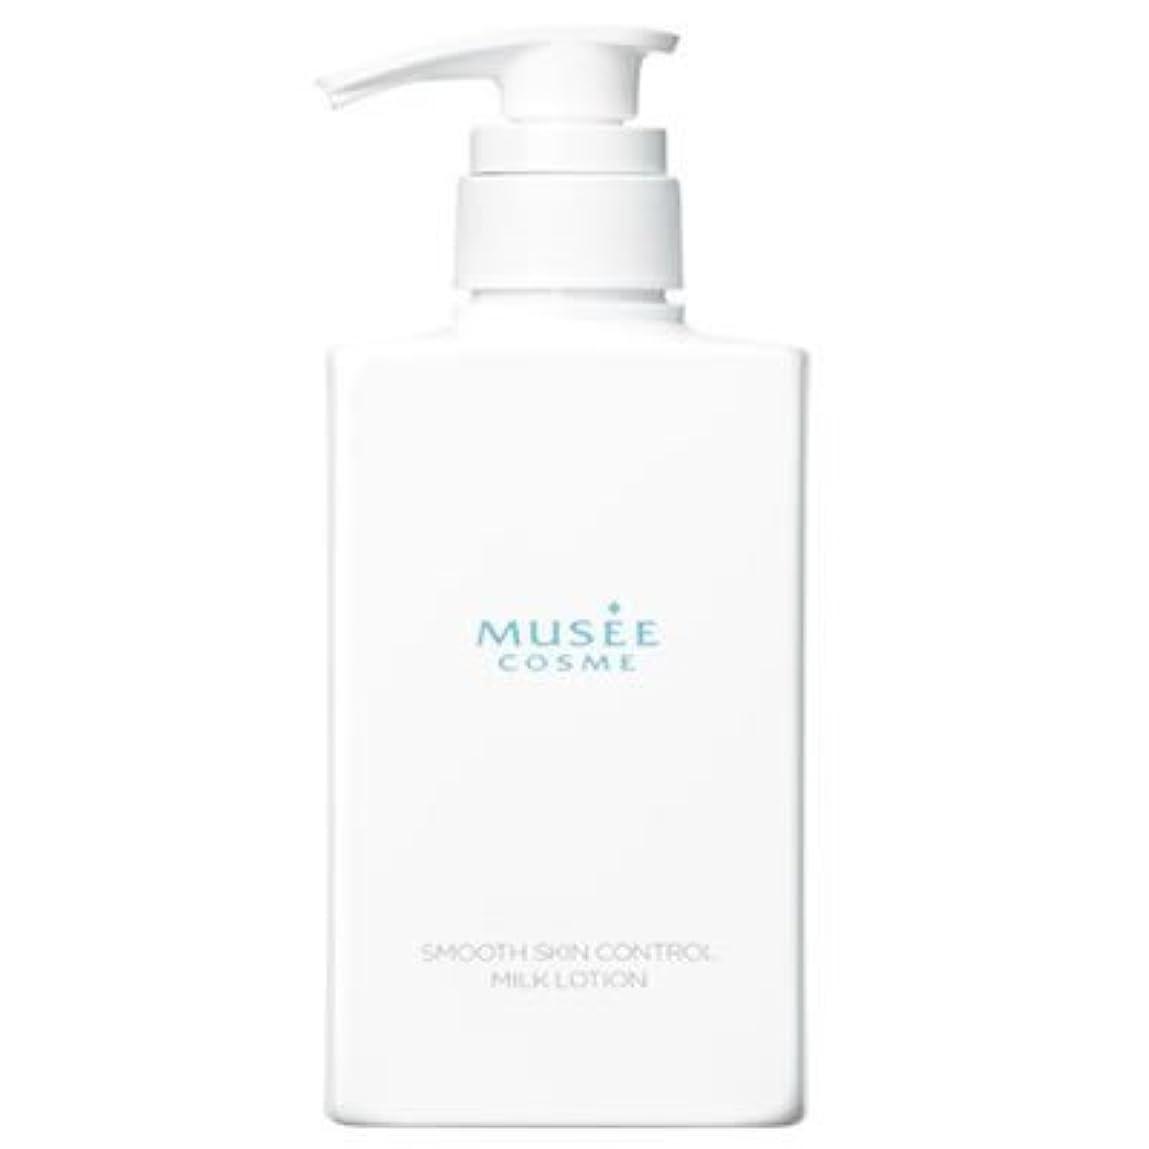 成長する間違えた大宇宙ミュゼ 薬用スムーススキンコントロールミルクローション 300ml ホワイトジャスミンの香り [並行輸入品]